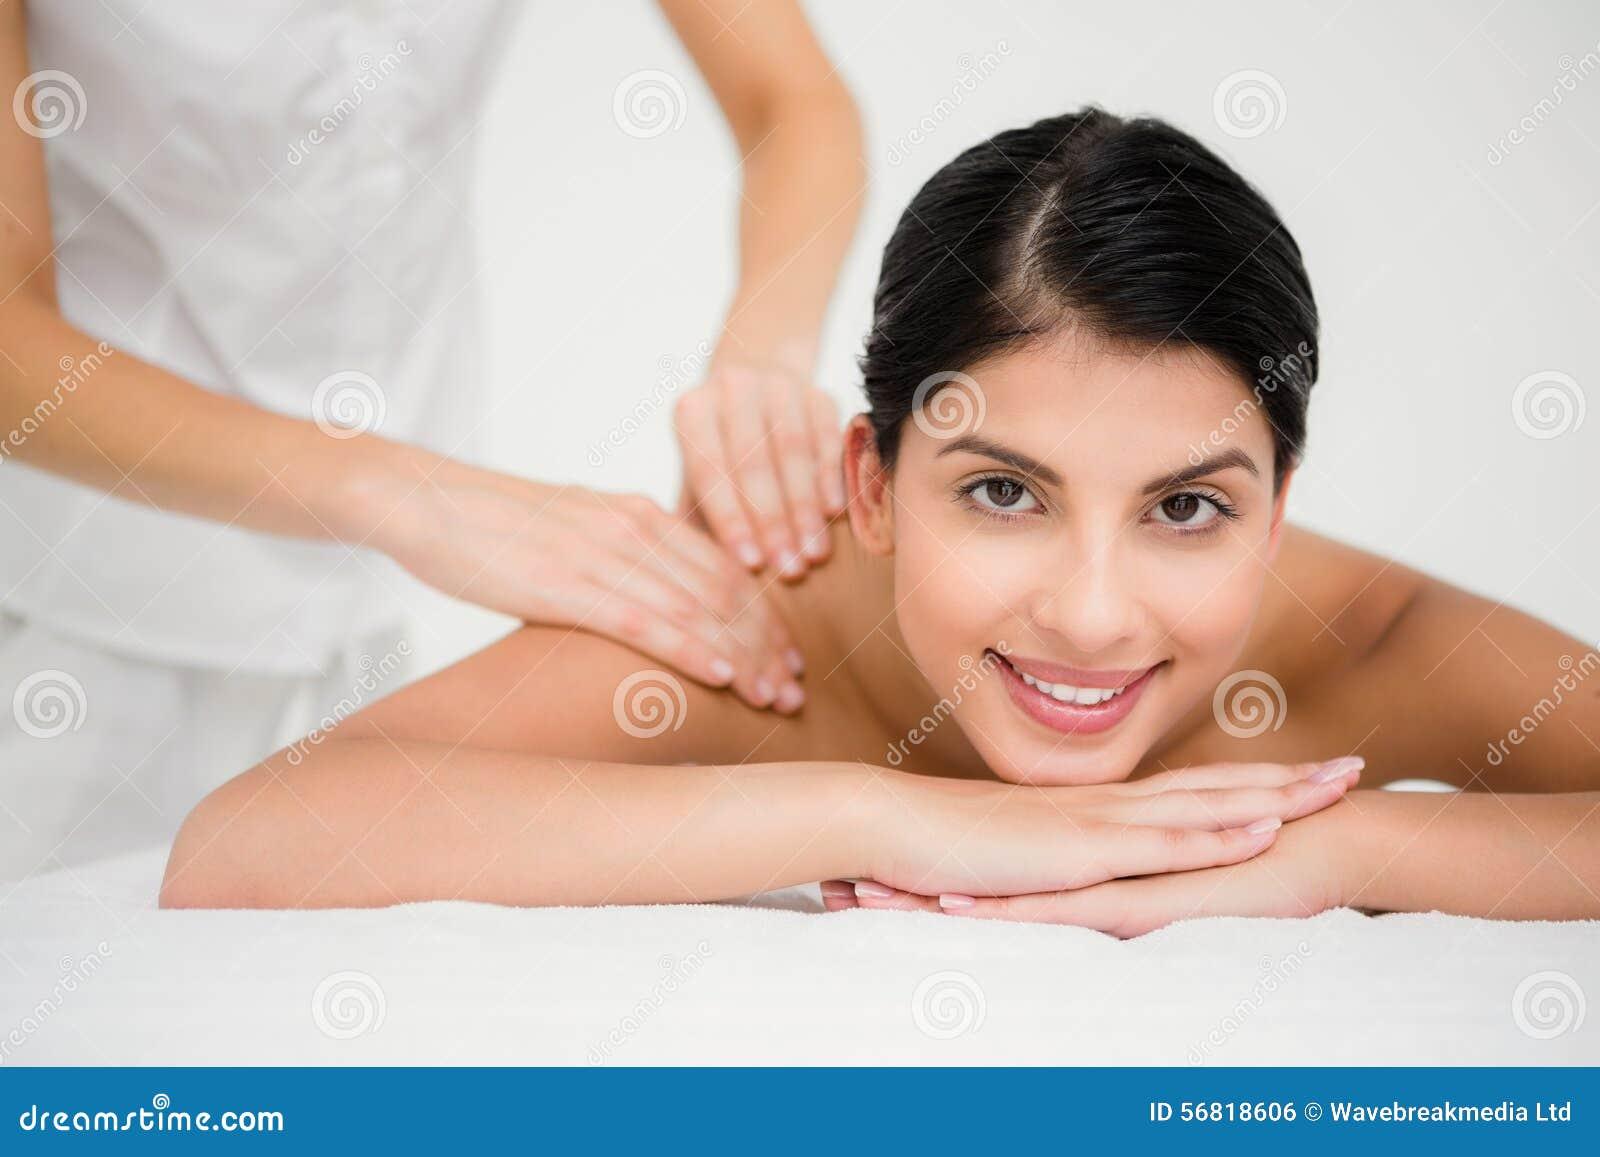 Morena bonita que aprecia uma massagem que sorri na câmera